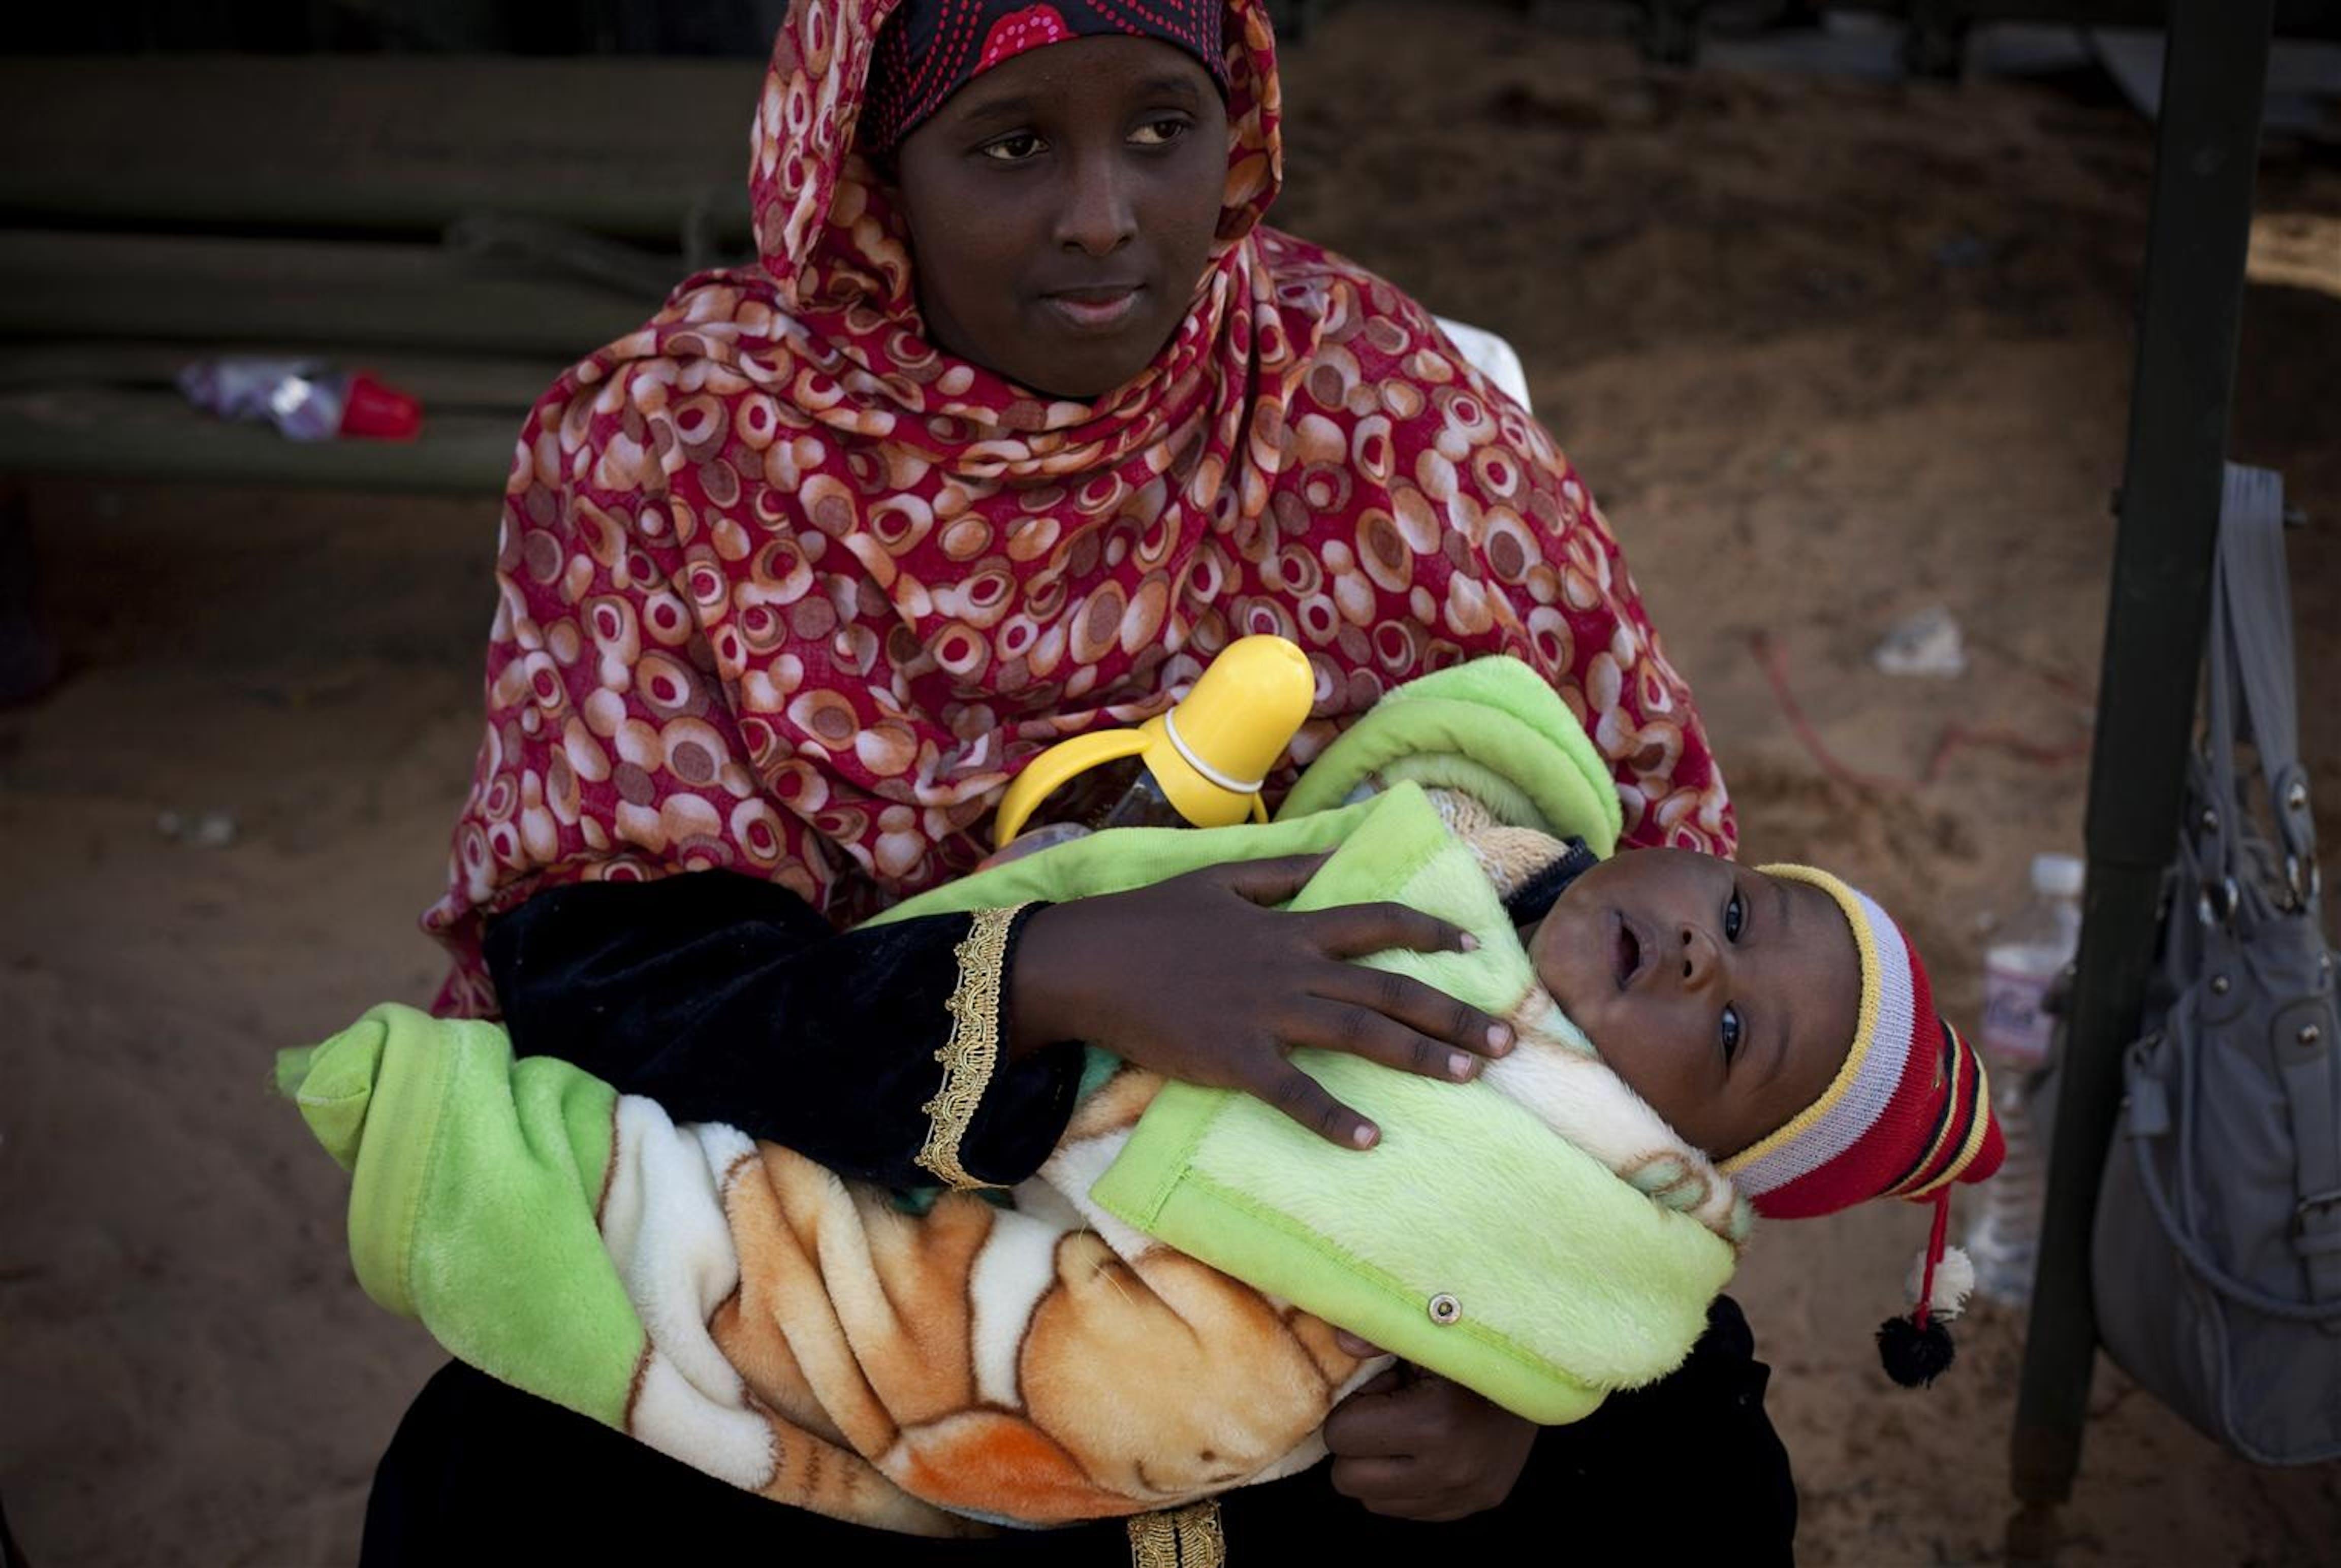 Una donna di nazionalità somala con il suo bambino nel campo profughi di Ras Jedir, al confine tra Tunisia e Libia - ©UNICEF/NYHQ2011-0347/M.Ramoneda